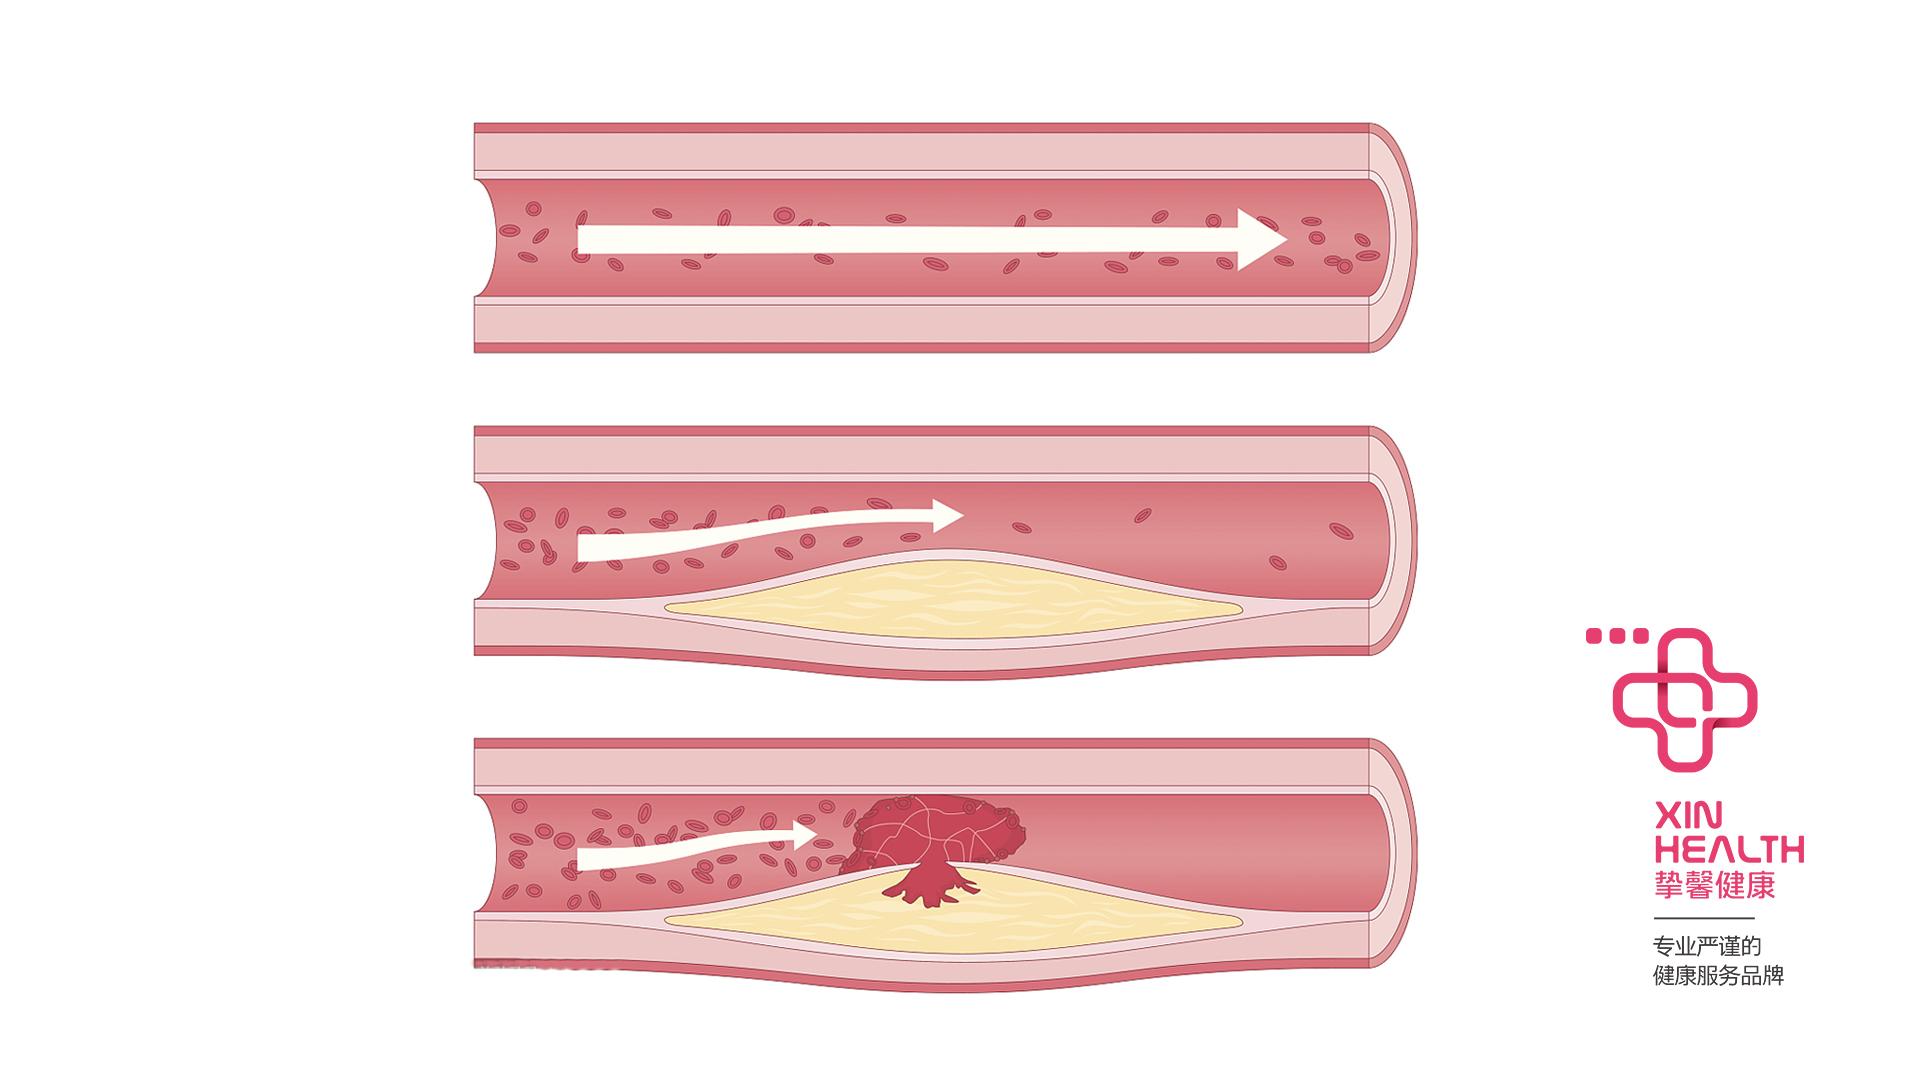 心肌梗塞的主要原因:冠状动脉遭到阻塞